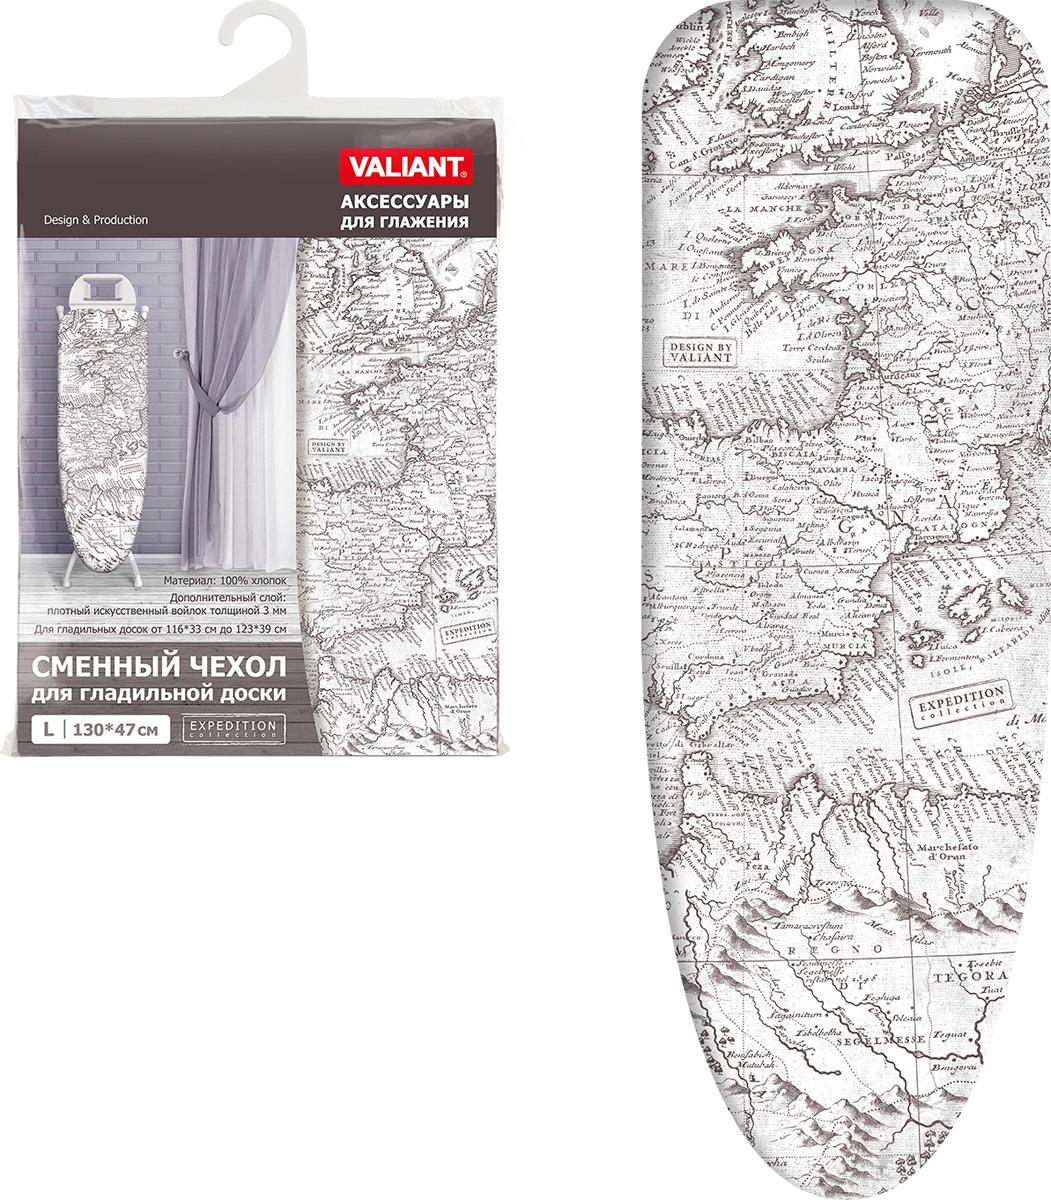 Чехол для гладильной доски Valiant Expedition, цвет: светло-серый, 130 х 47 см цена